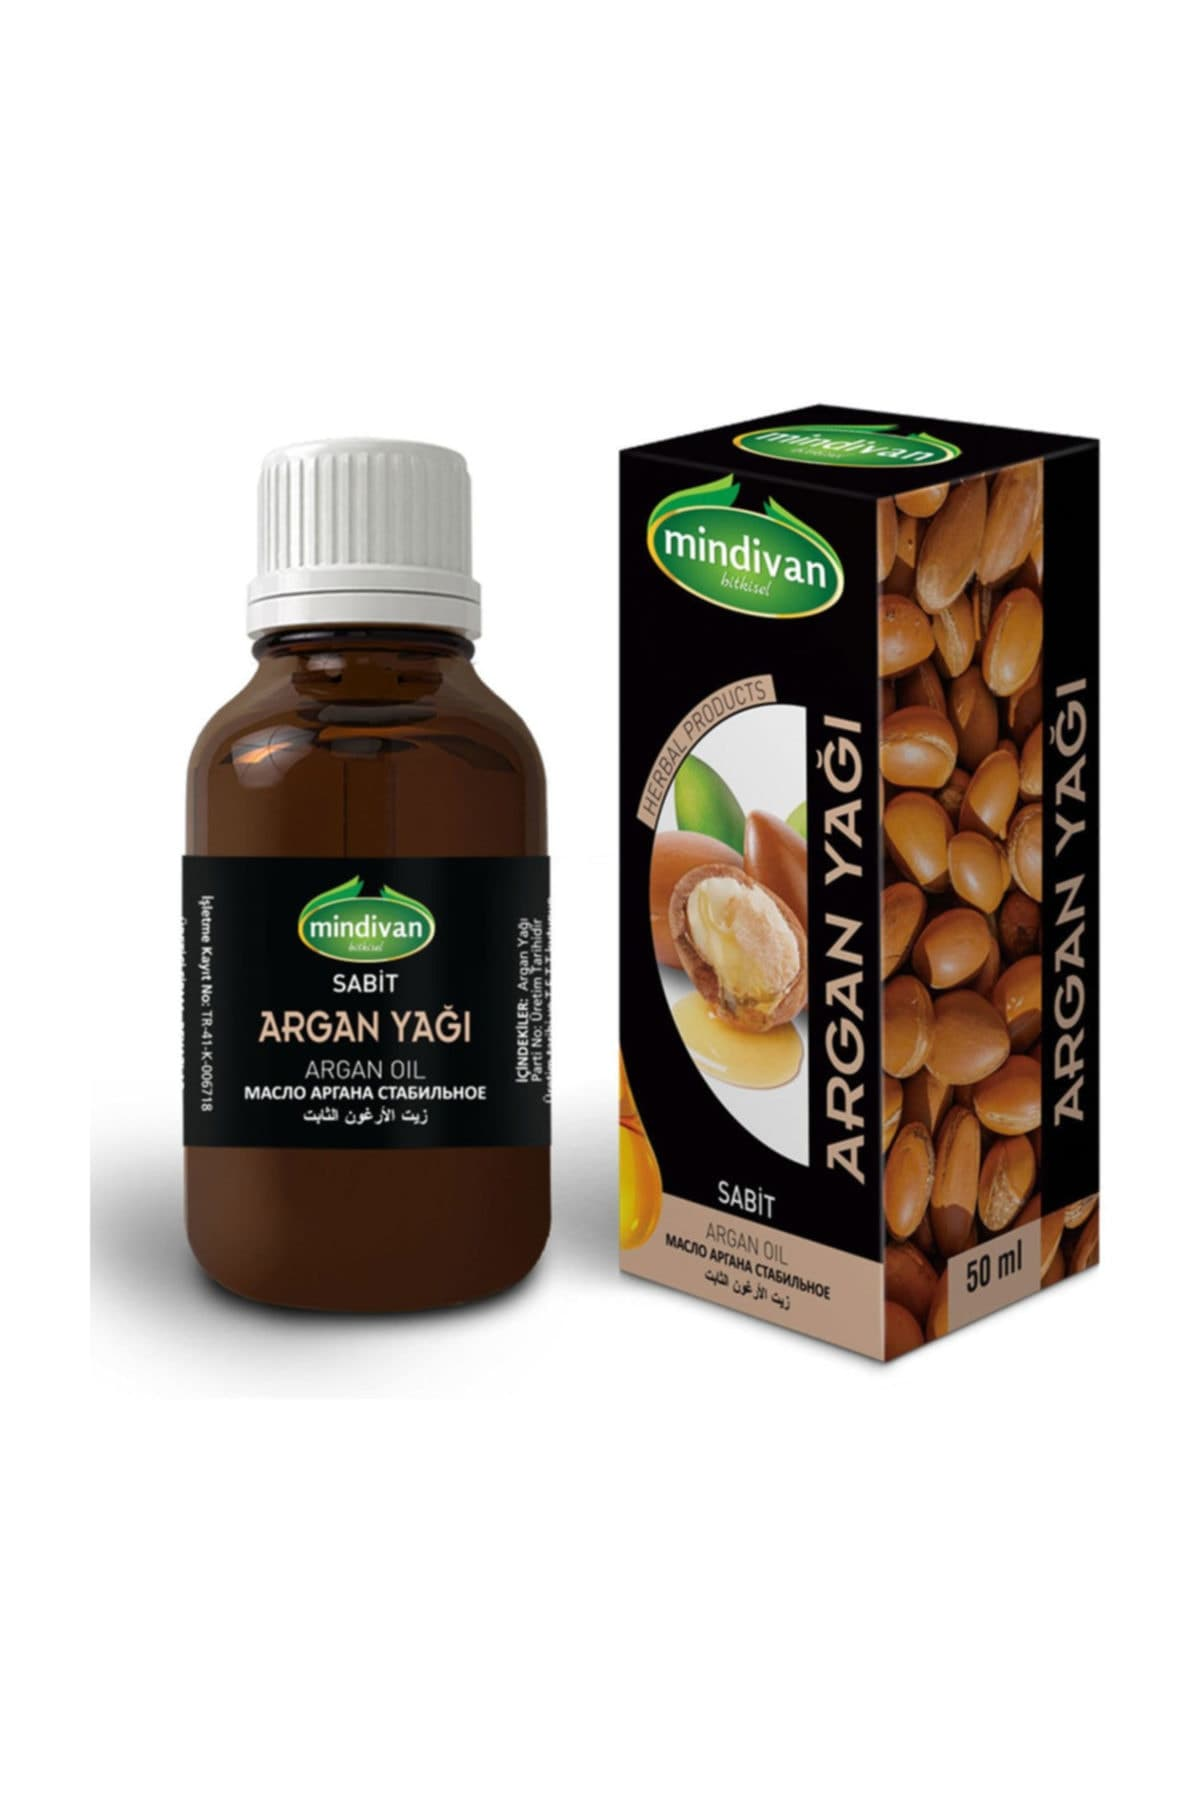 Mindivan Argan Yağı 50 ml ürünü